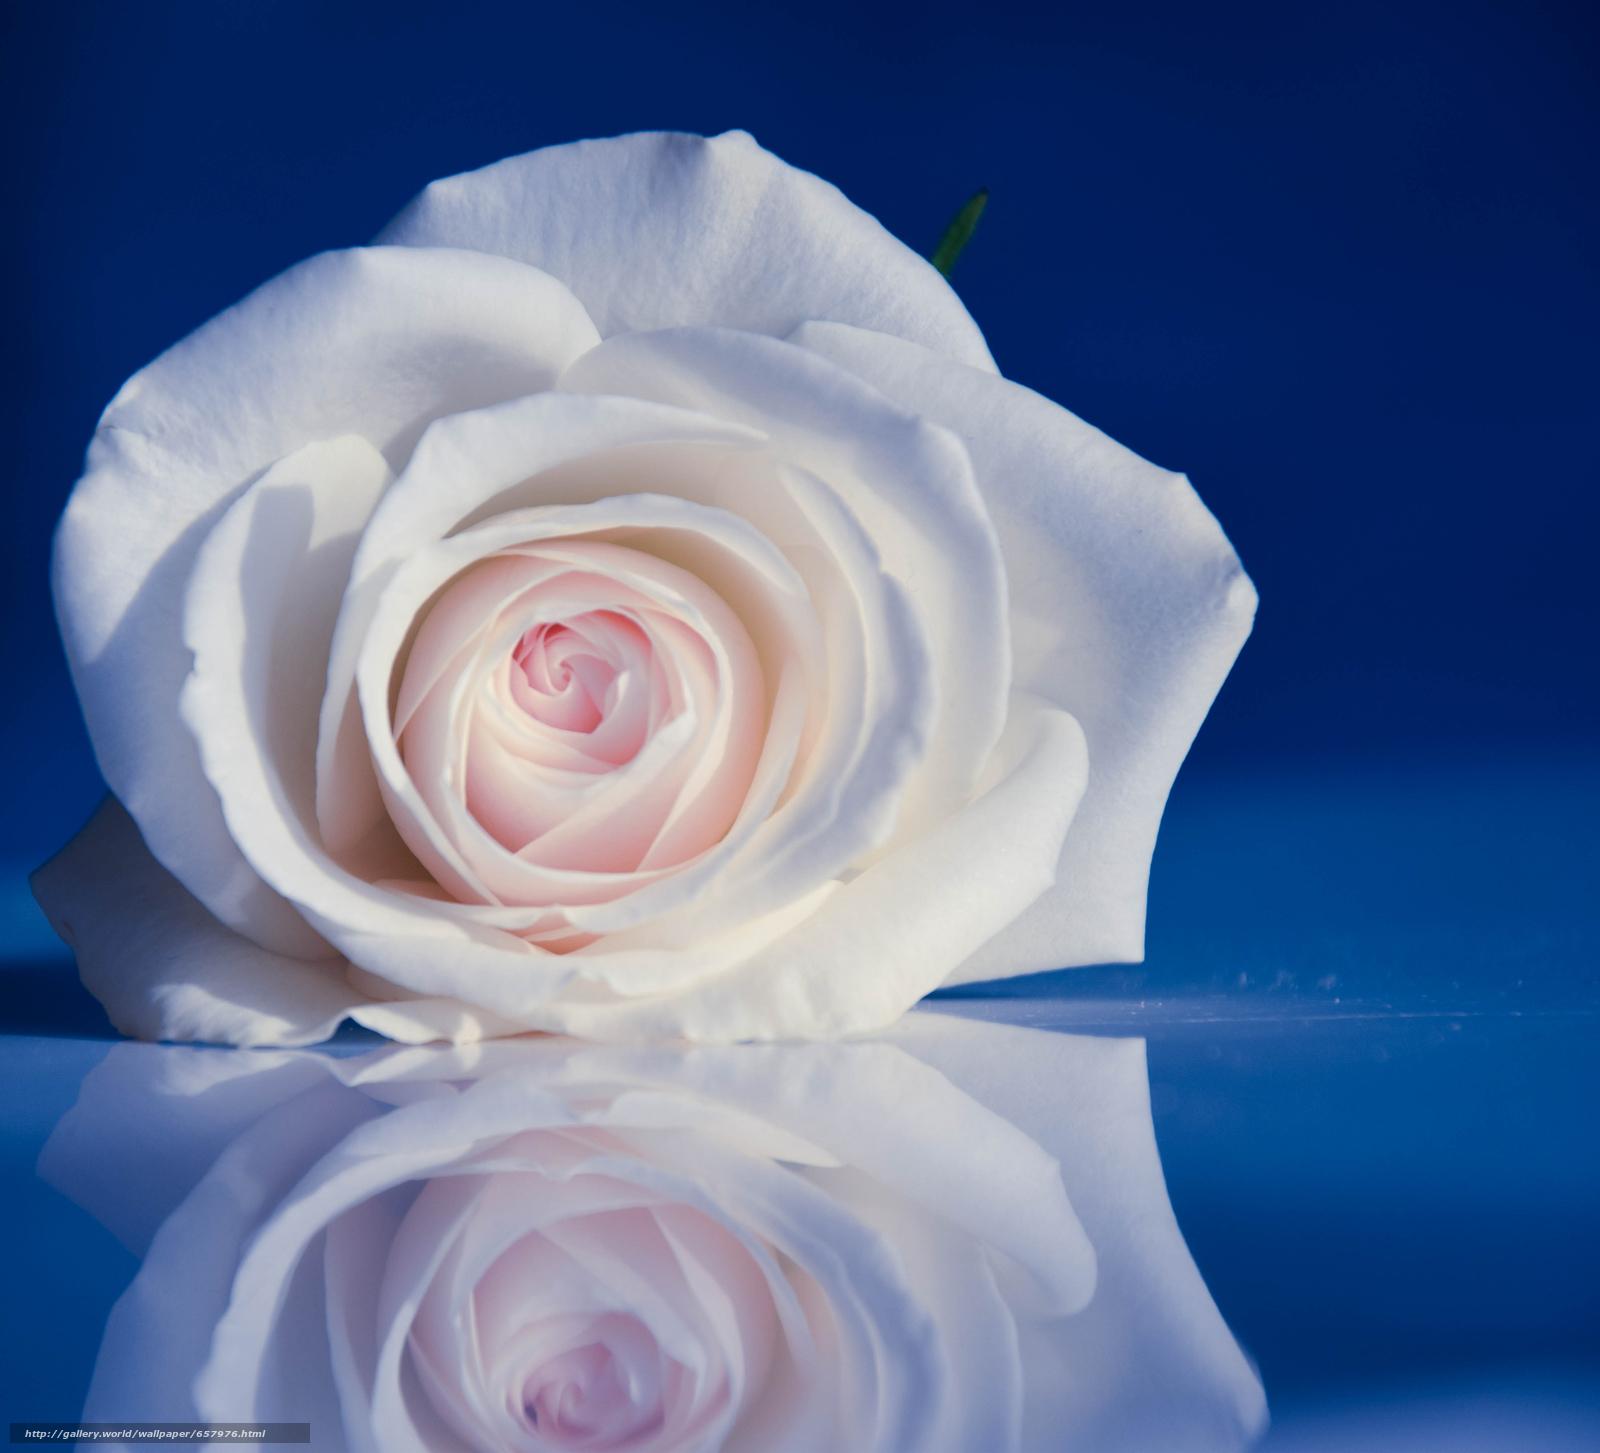 Скачать обои роза,  бутон,  лепестки,  отражение бесплатно для рабочего стола в разрешении 4404x4000 — картинка №657976